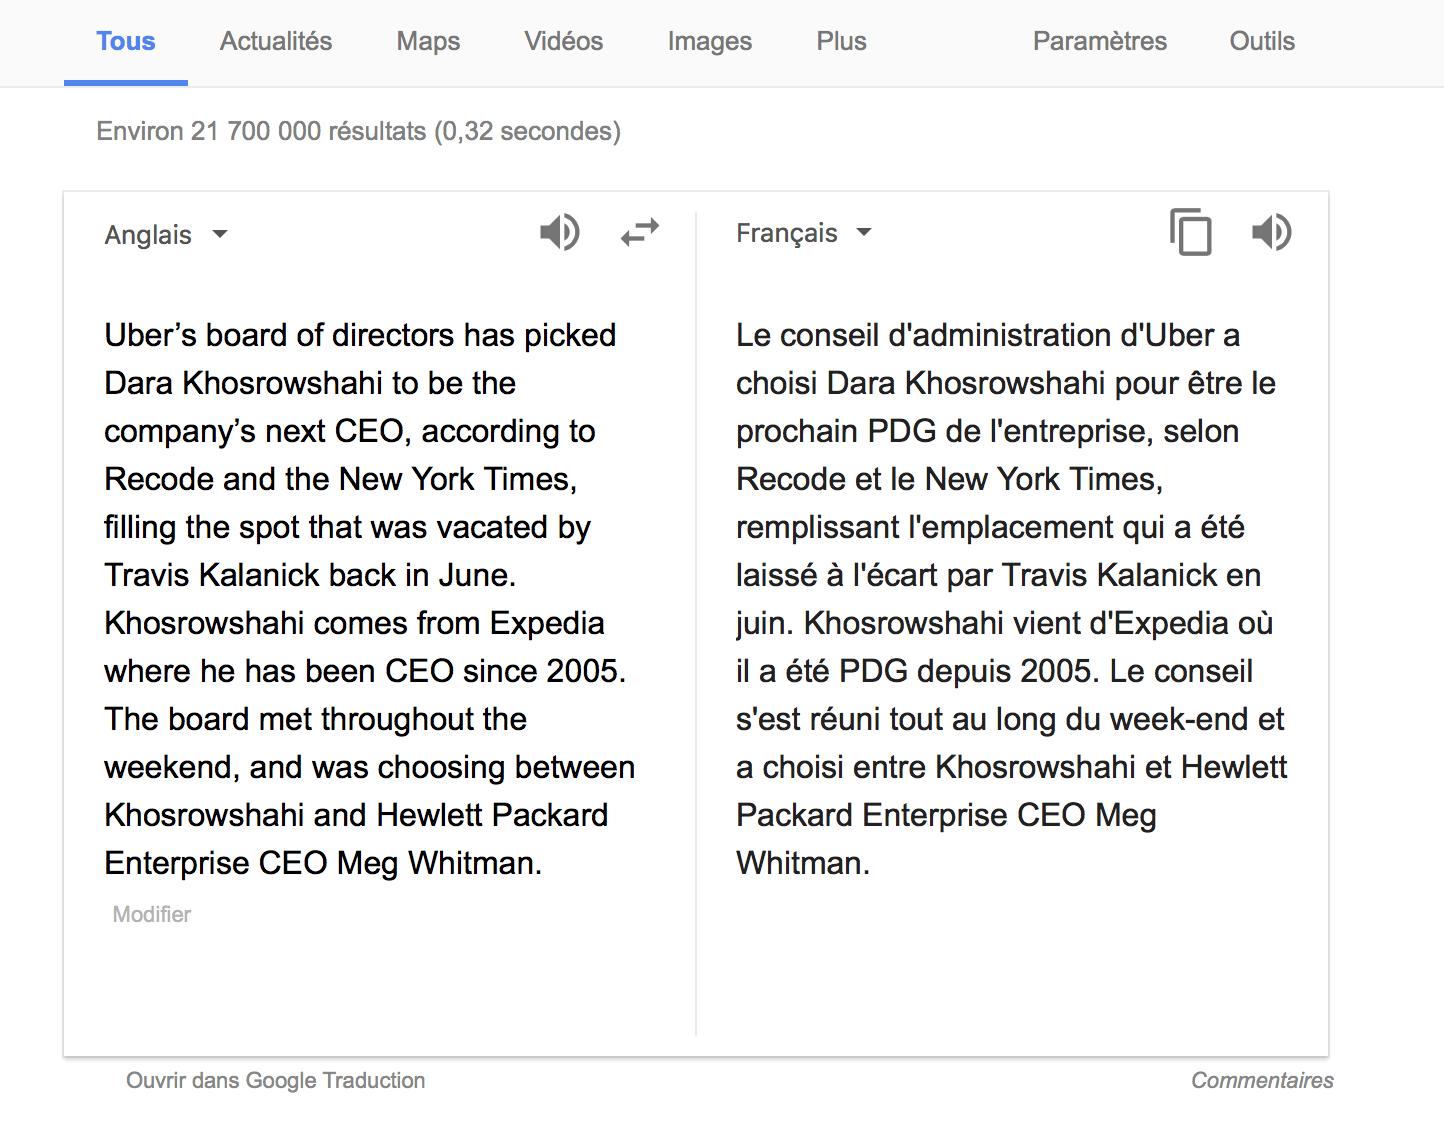 Deepl on a mis l 39 preuve le traducteur de linguee qui for Portent traduction francais